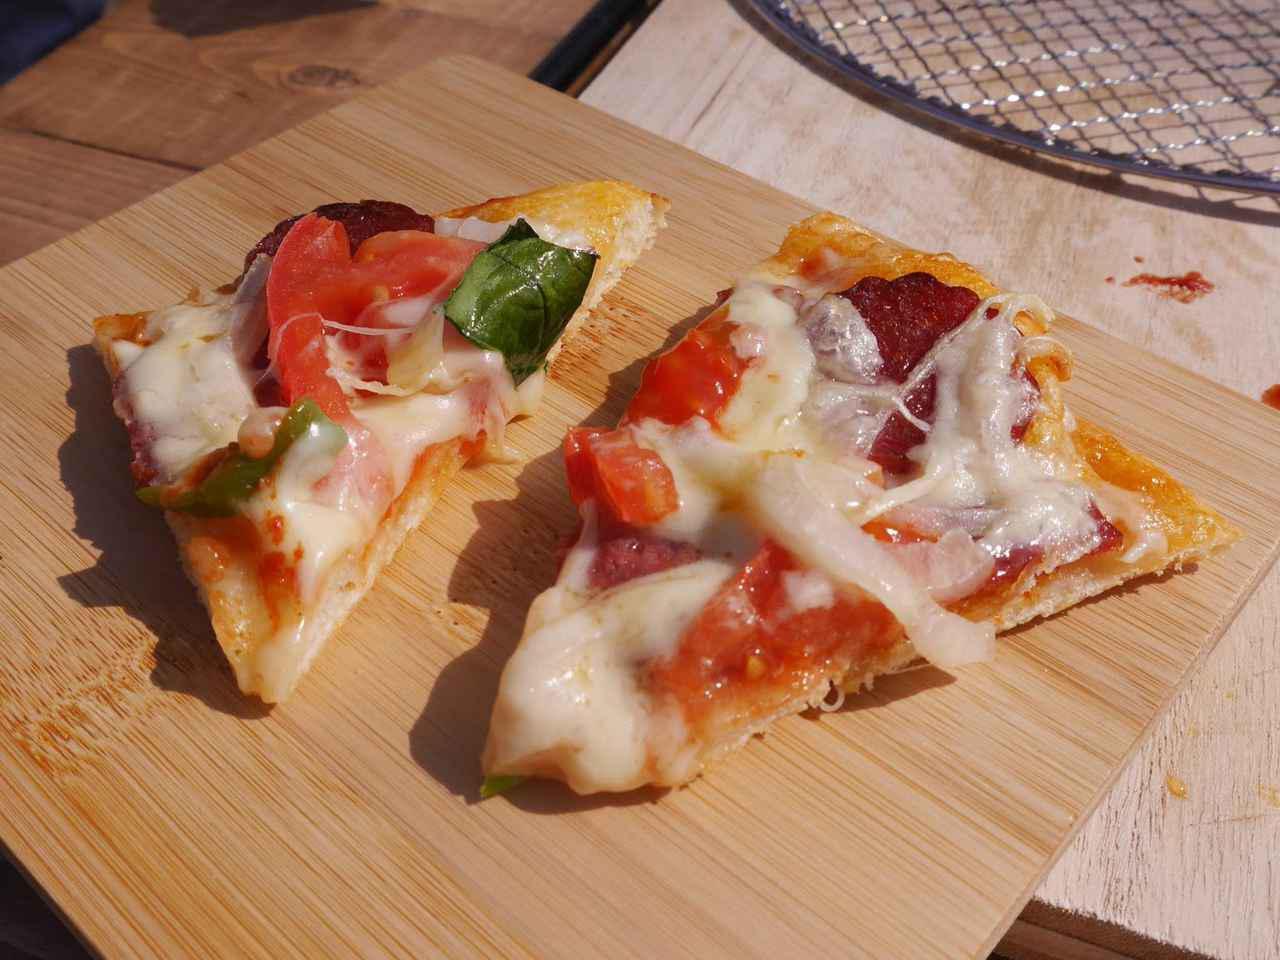 画像: 簡単ピザ生地の作り方! 手作りピザのおすすめトッピング具材やアレンジレシピも紹介 - ハピキャン(HAPPY CAMPER)